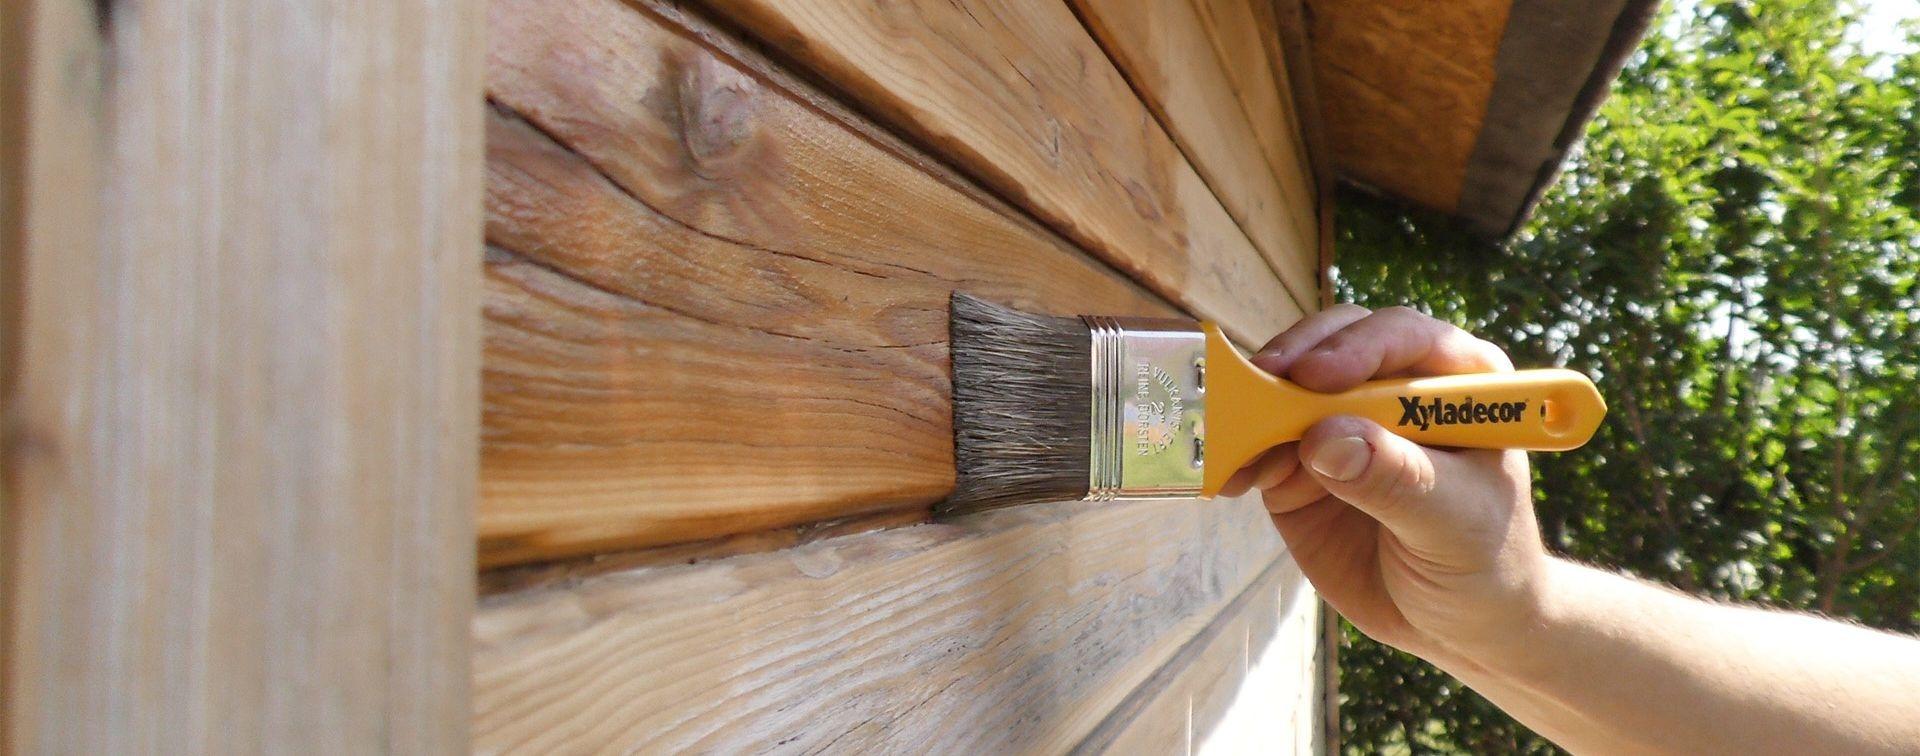 Protettivi per legno